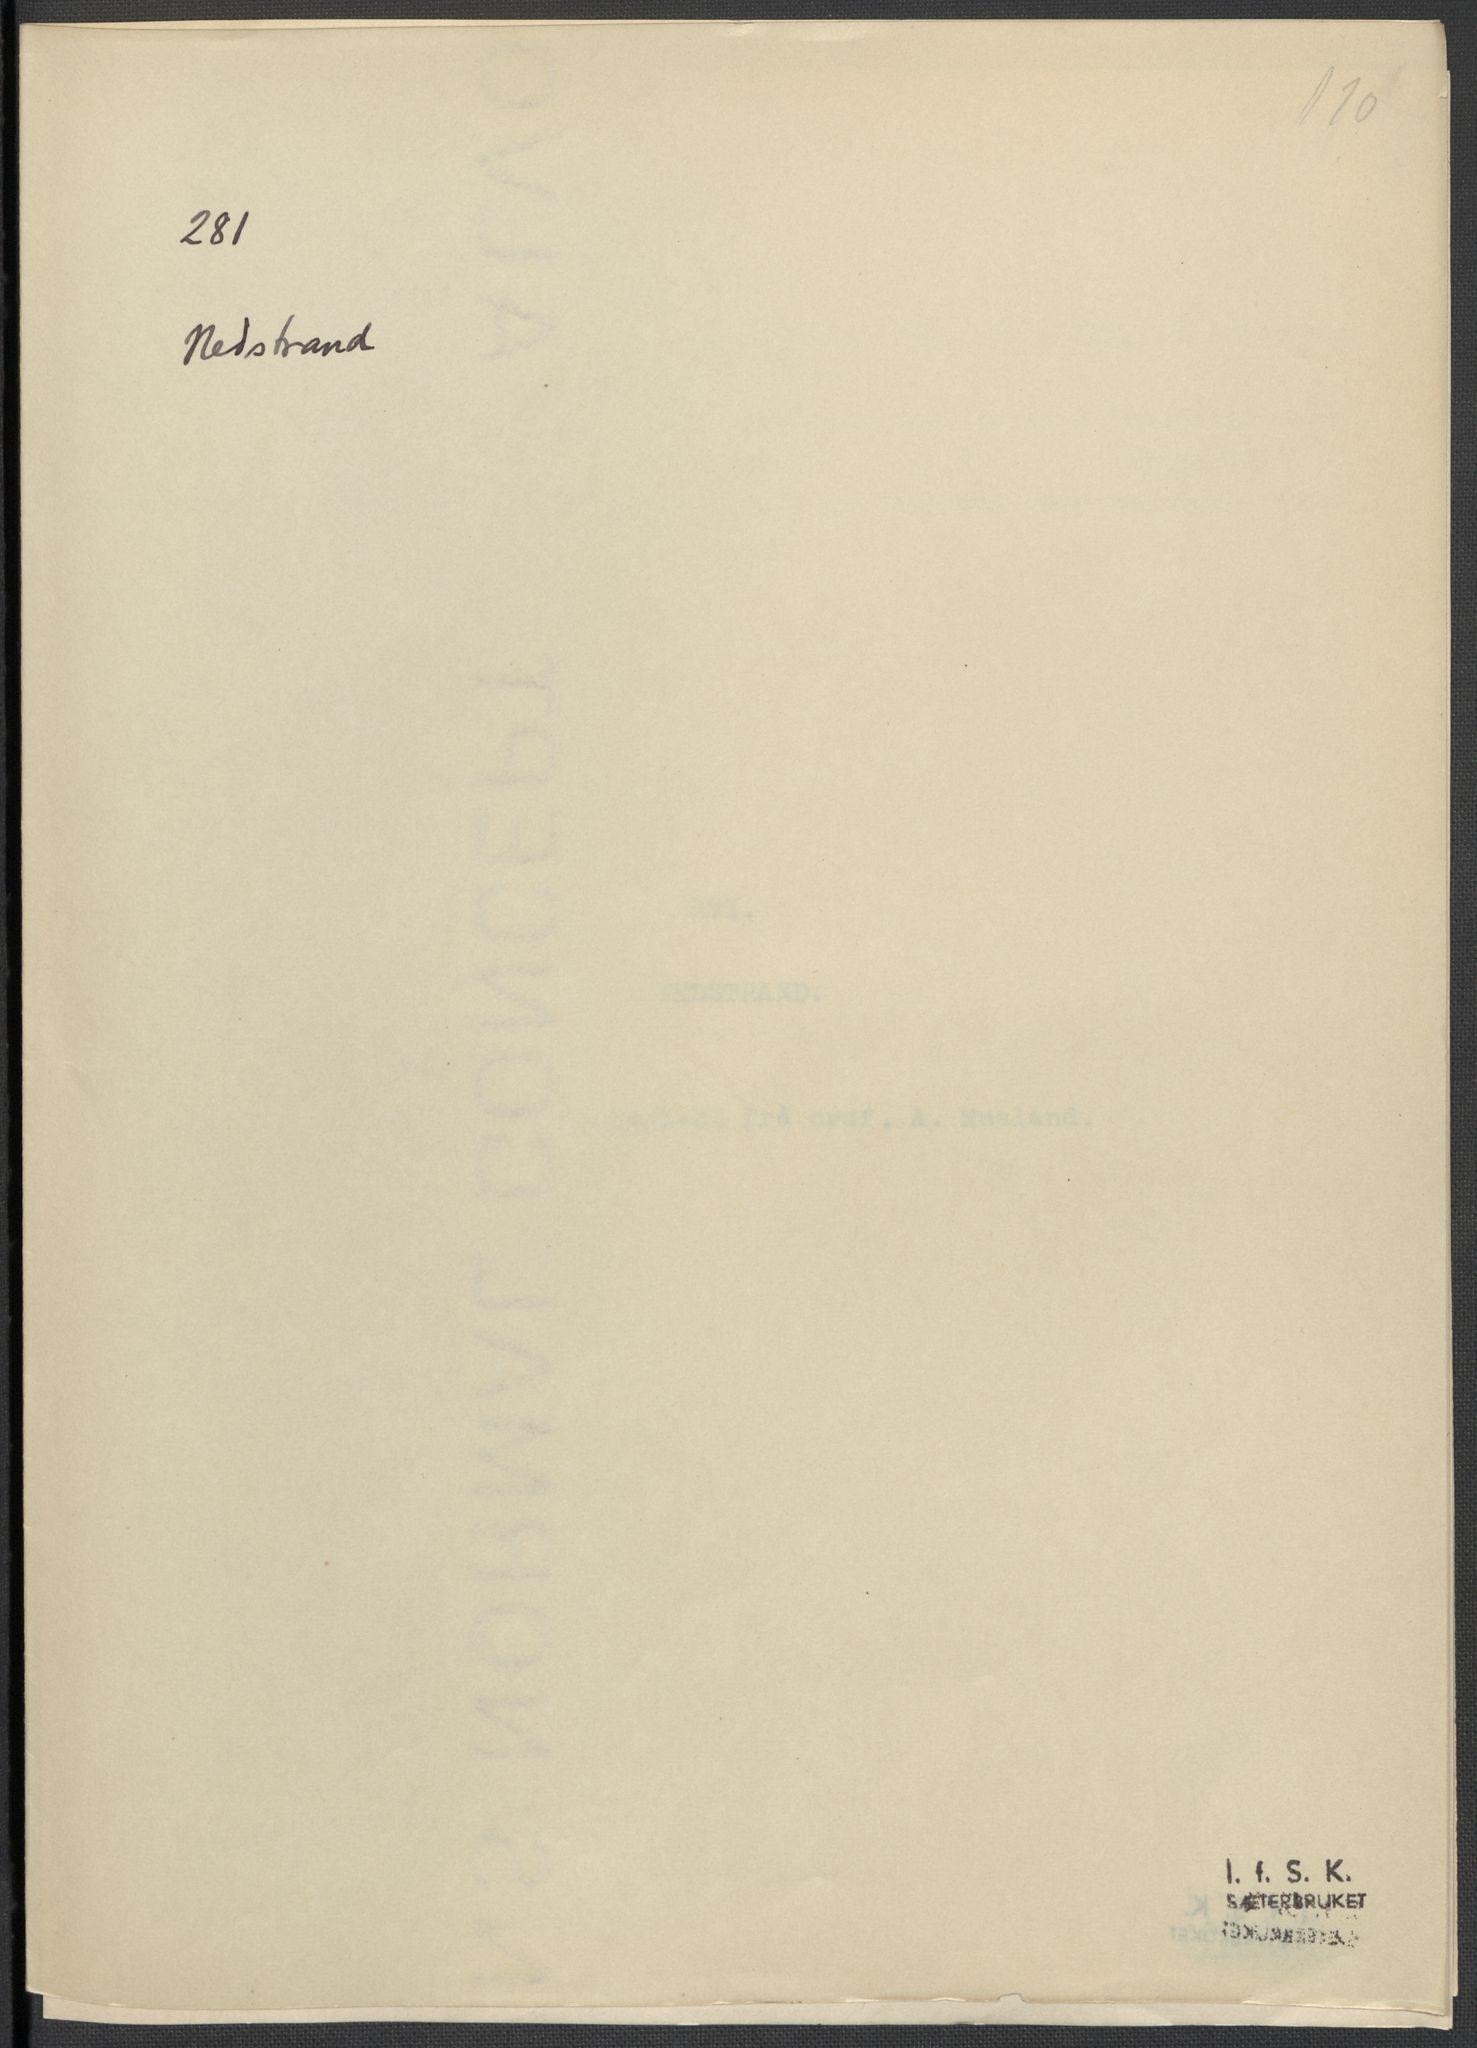 RA, Instituttet for sammenlignende kulturforskning, F/Fc/L0009: Eske B9:, 1932-1935, s. 110